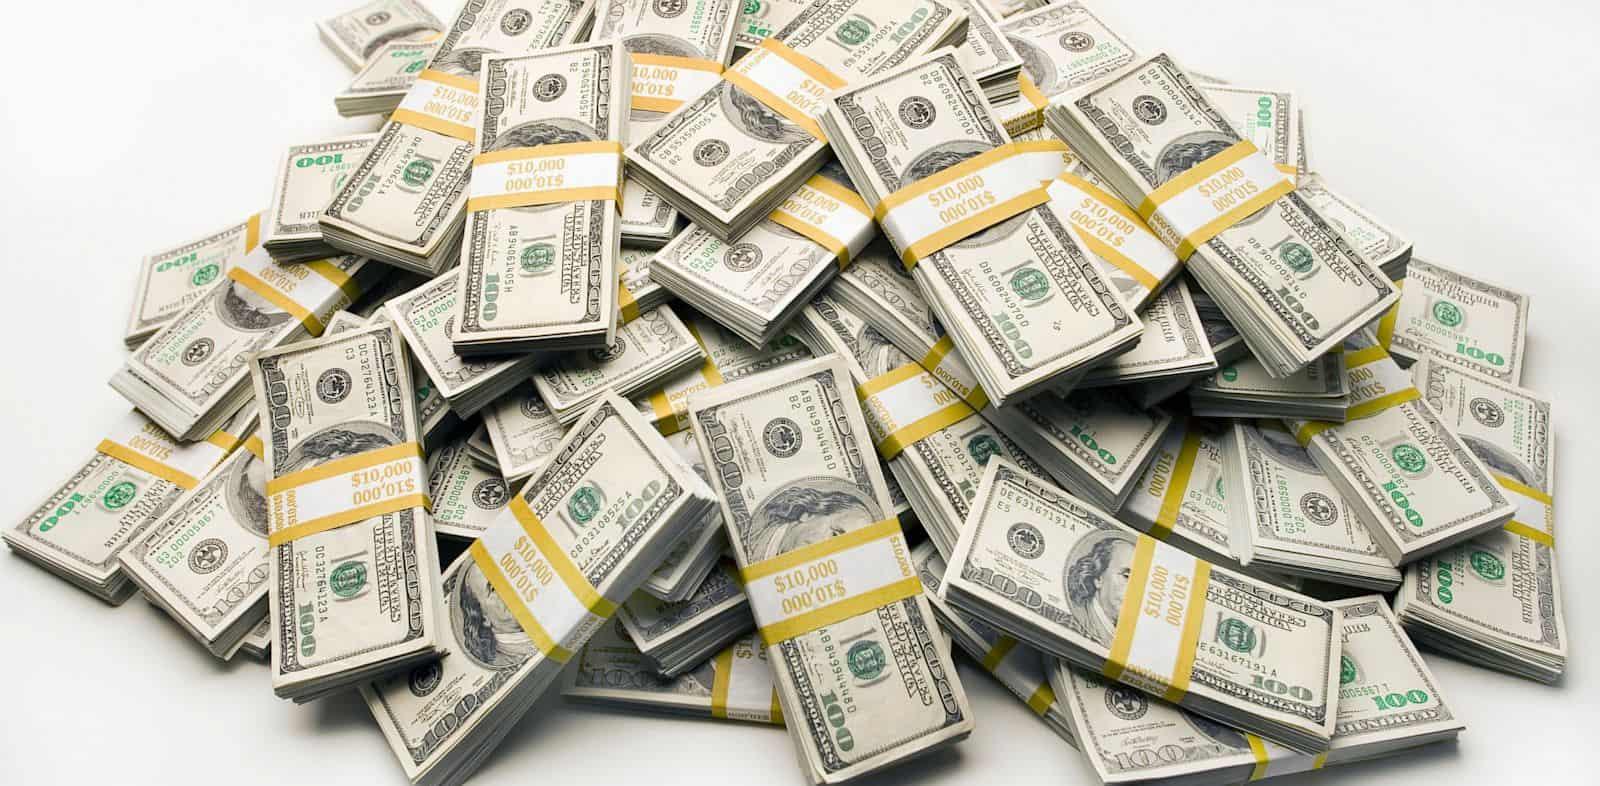 تفسير حلم شخص اعطاني نقود ورقية في المنام بالتفصيل